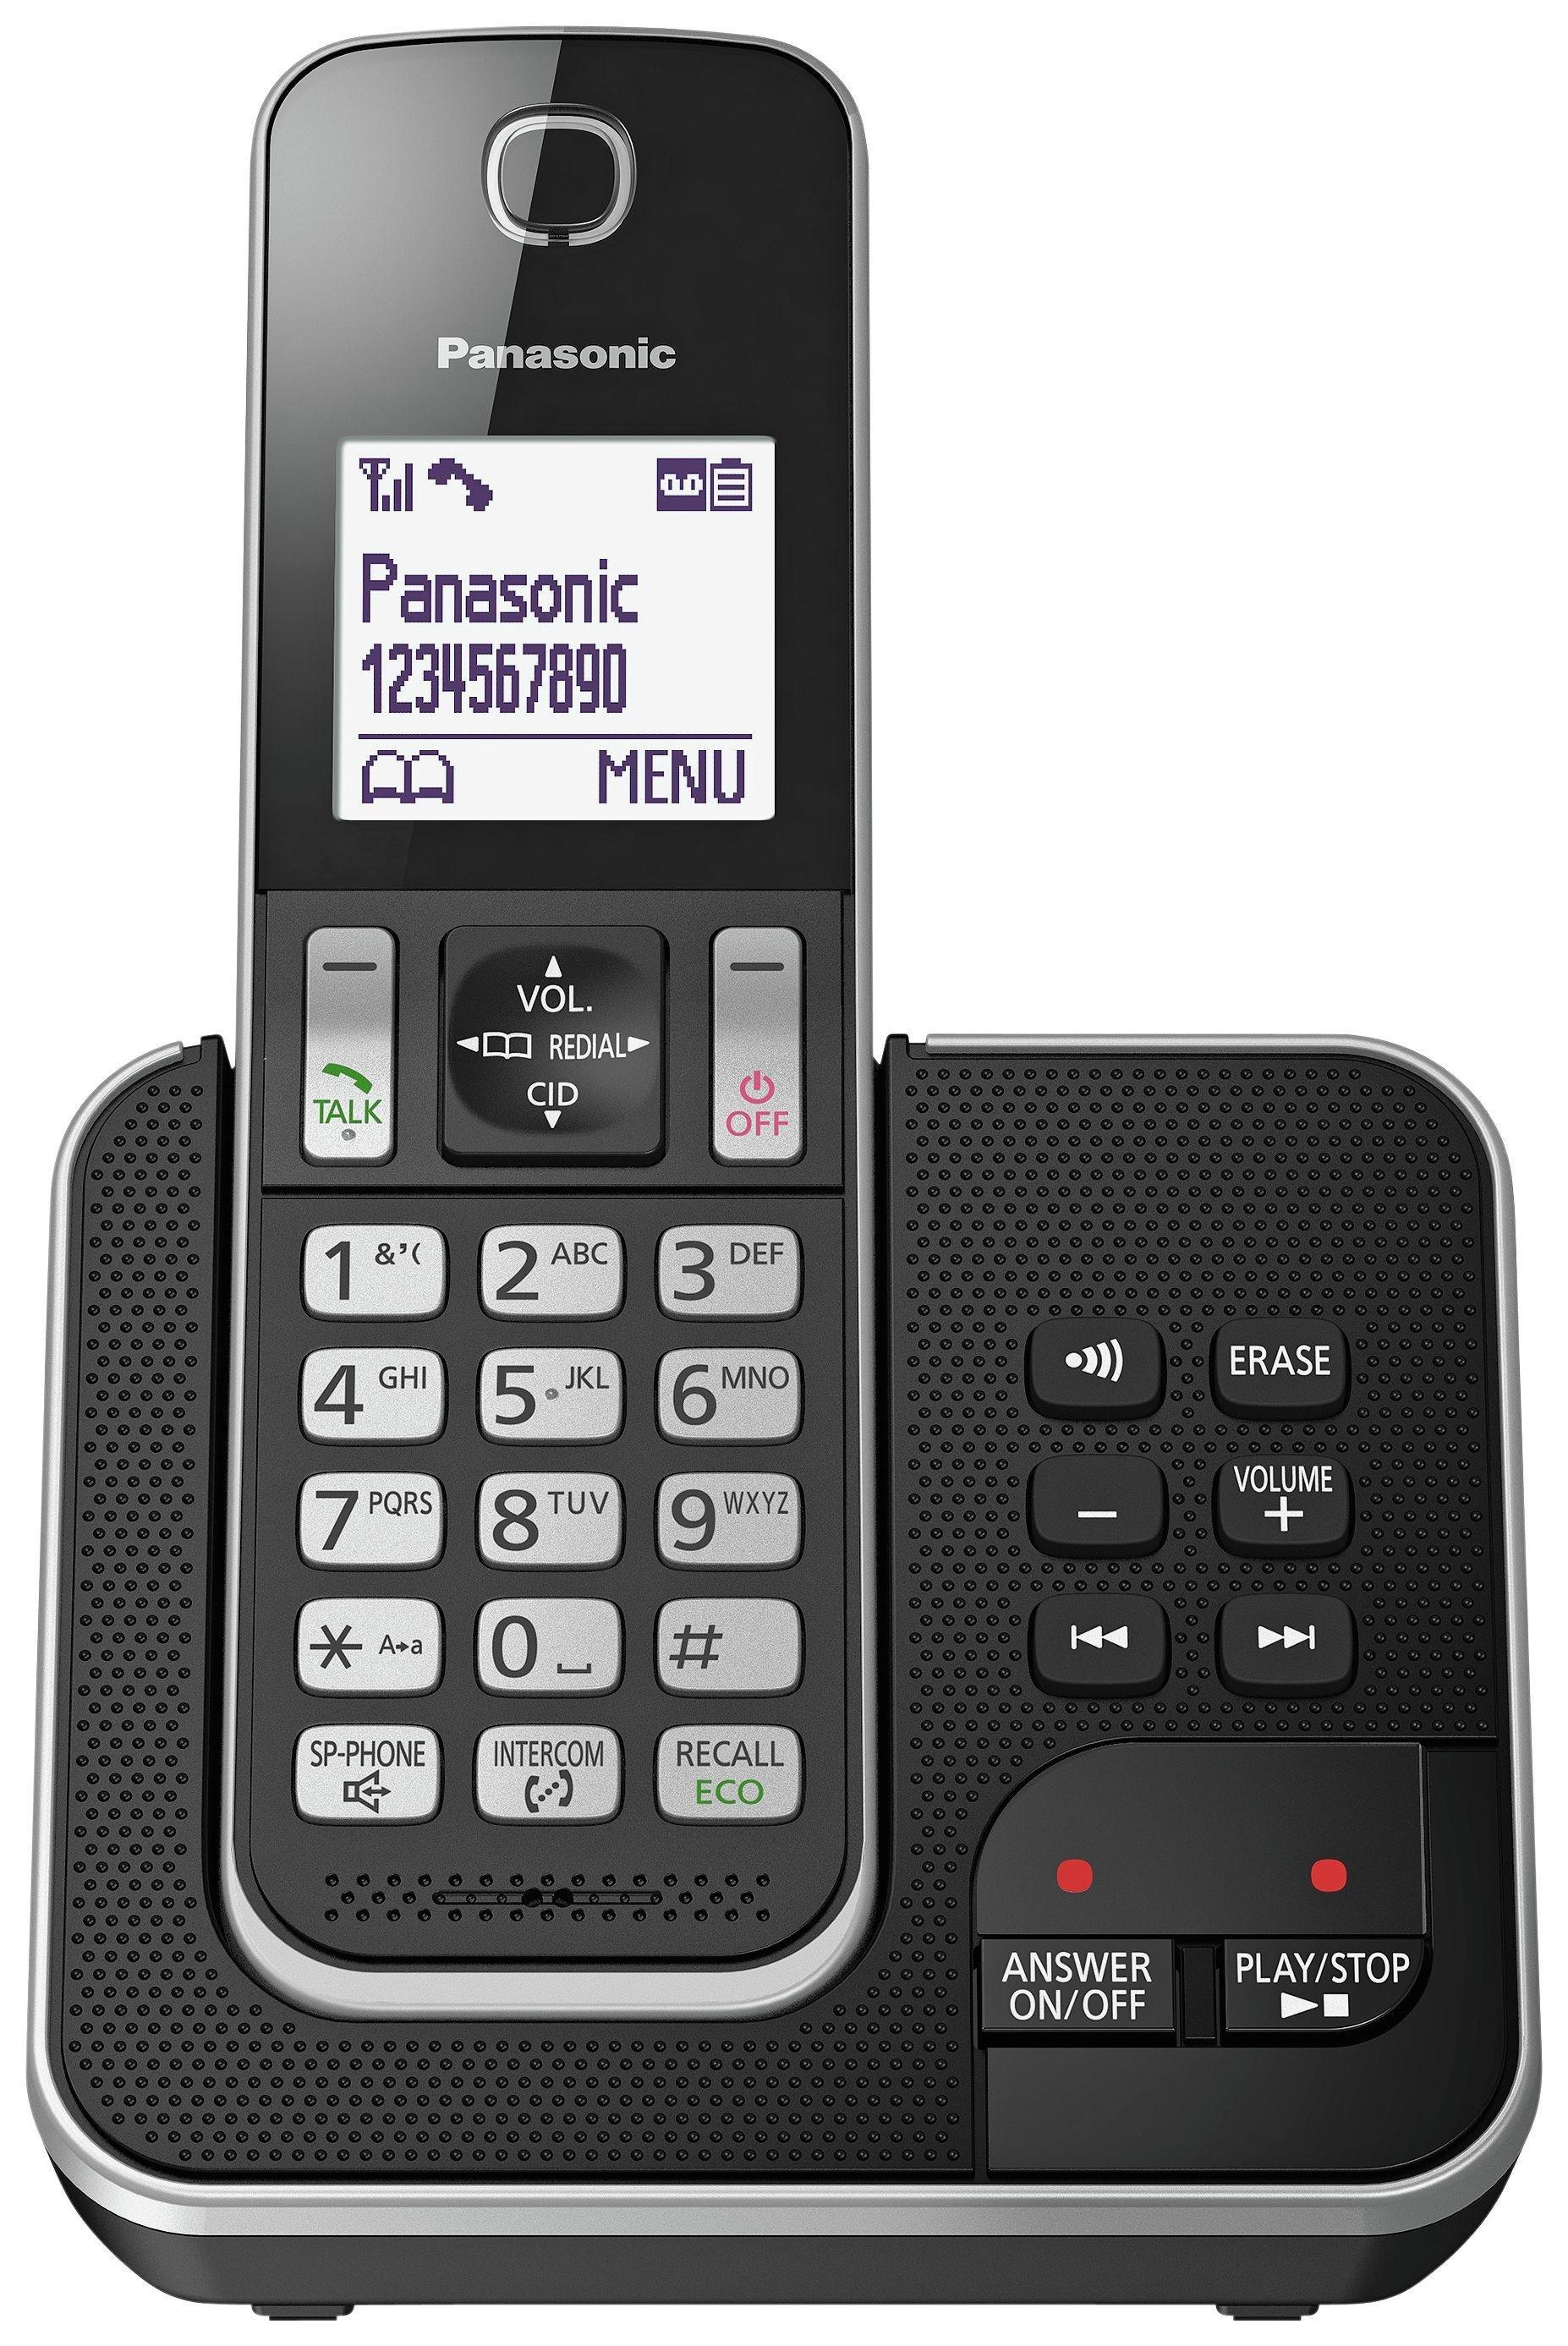 Panasonic Panasonic - KXTGD320 - Cordless Telephone & Answer Mc-Single